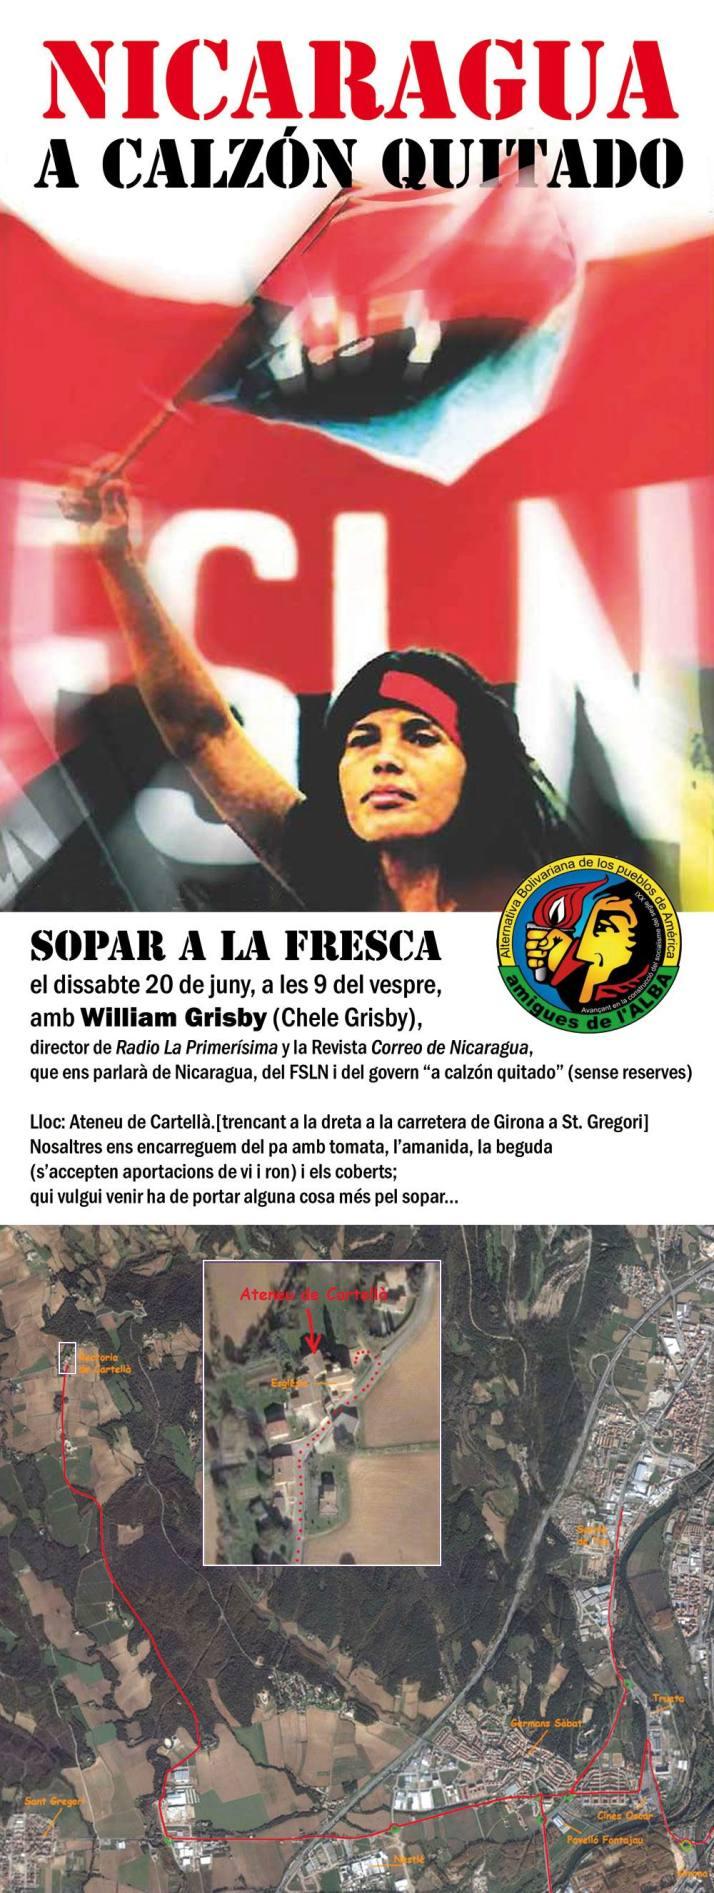 Nicaragua a Calzon quitado